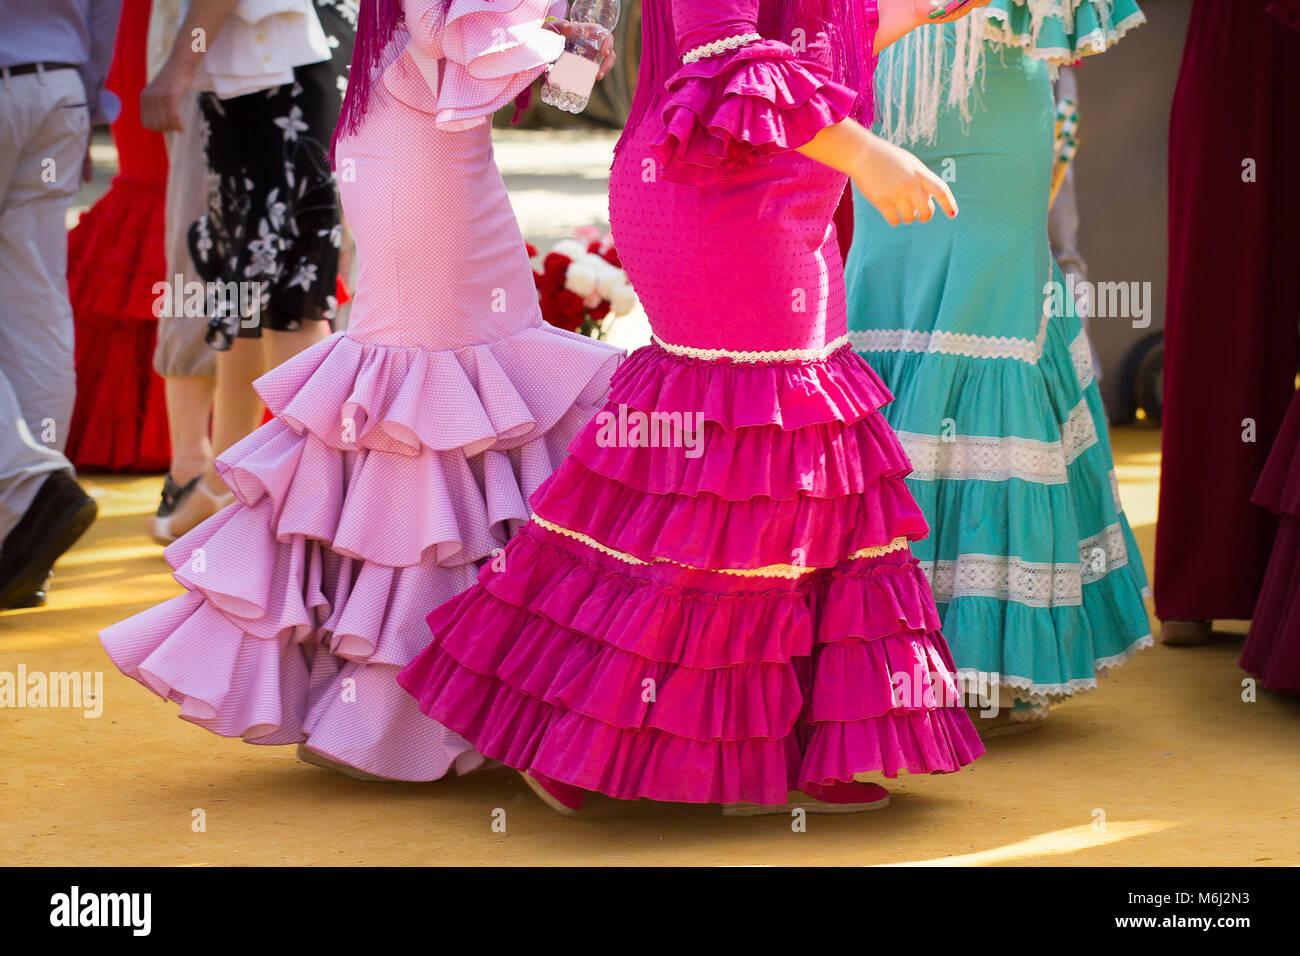 traditional woman flamenco skirt - Stock Image